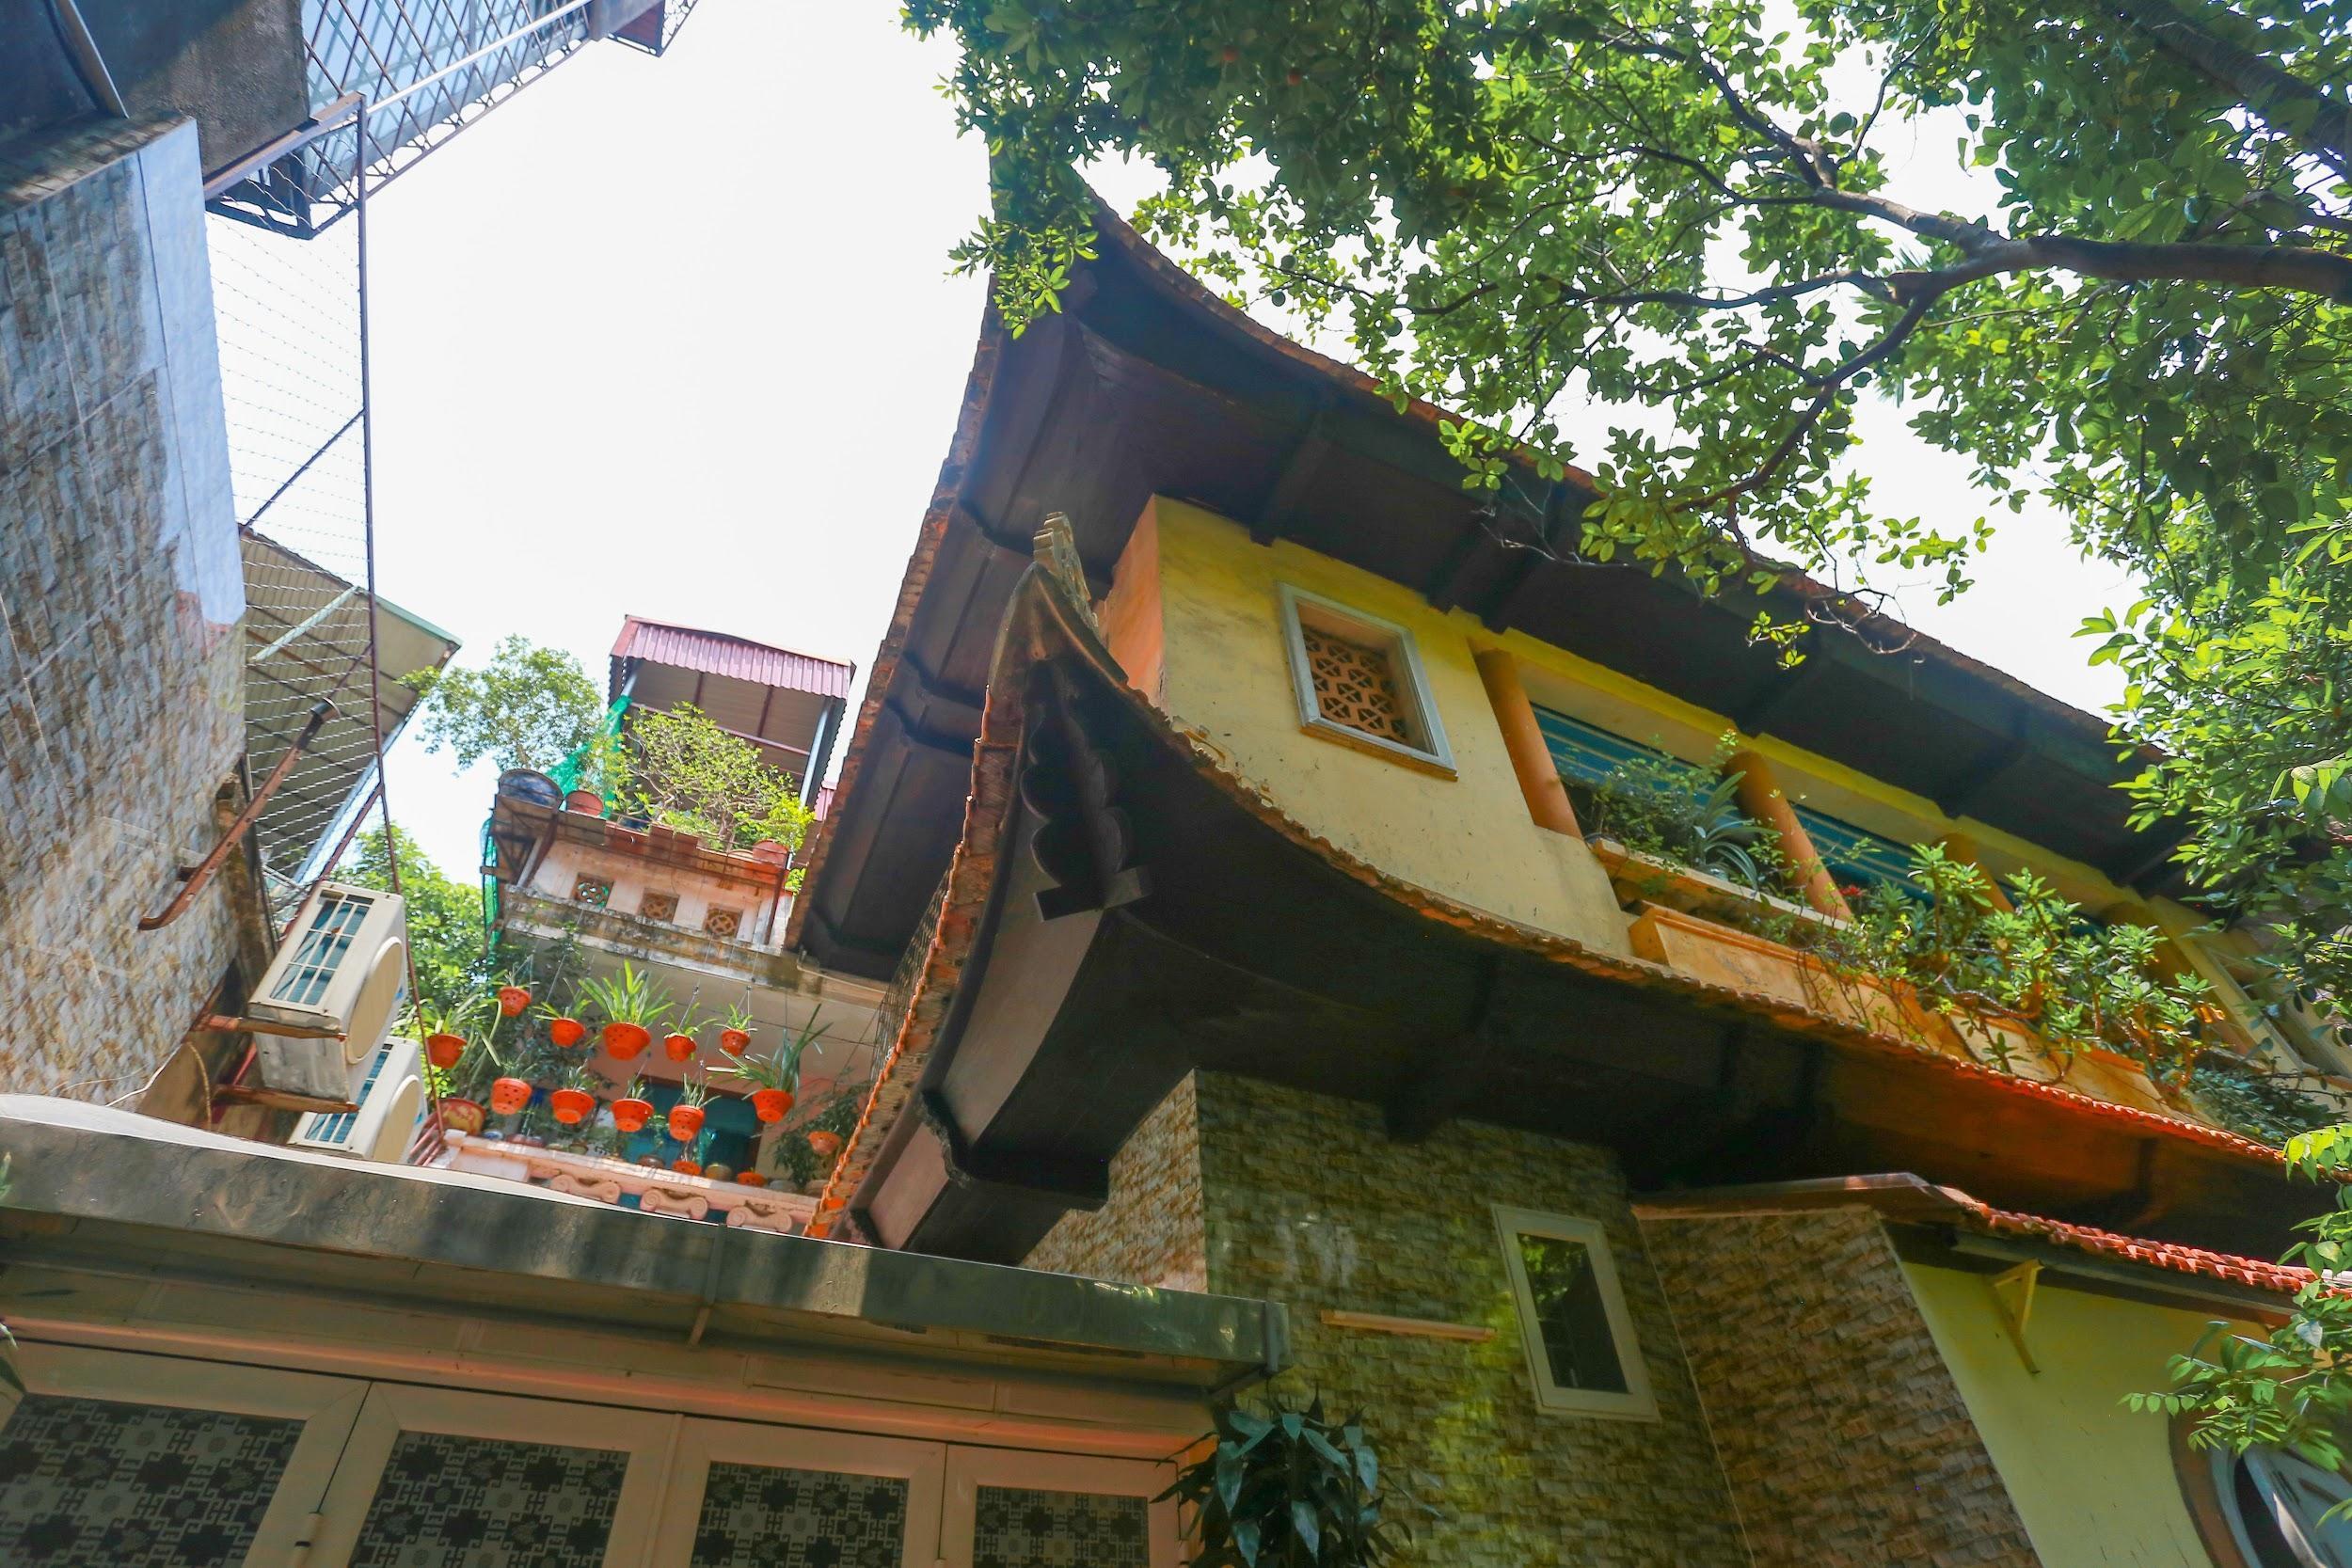 Biệt thự vườn rộng 700m2 của đại gia kim hoàn phố cổ Hà Nội một thời - 8